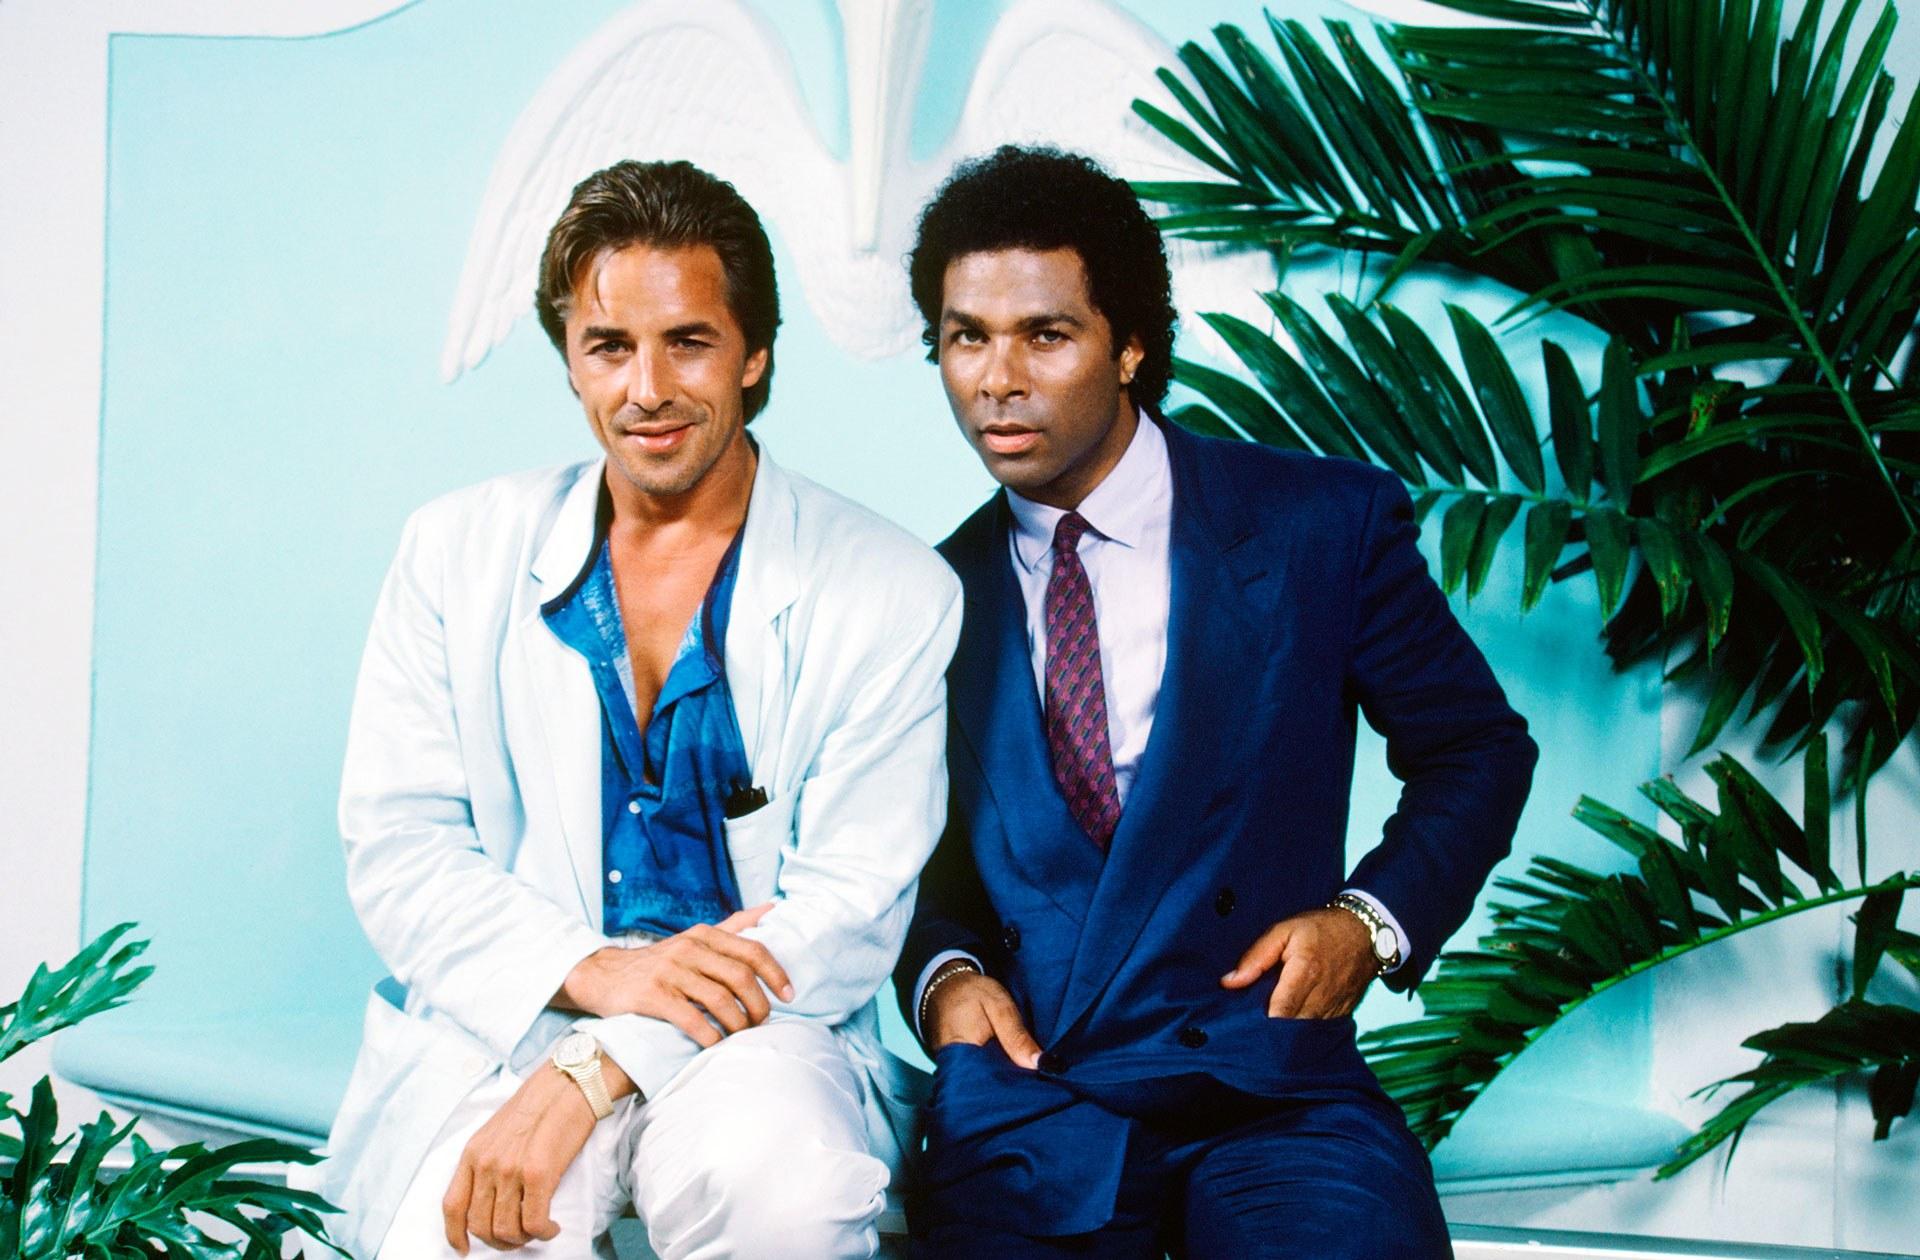 Serie Miami Vice